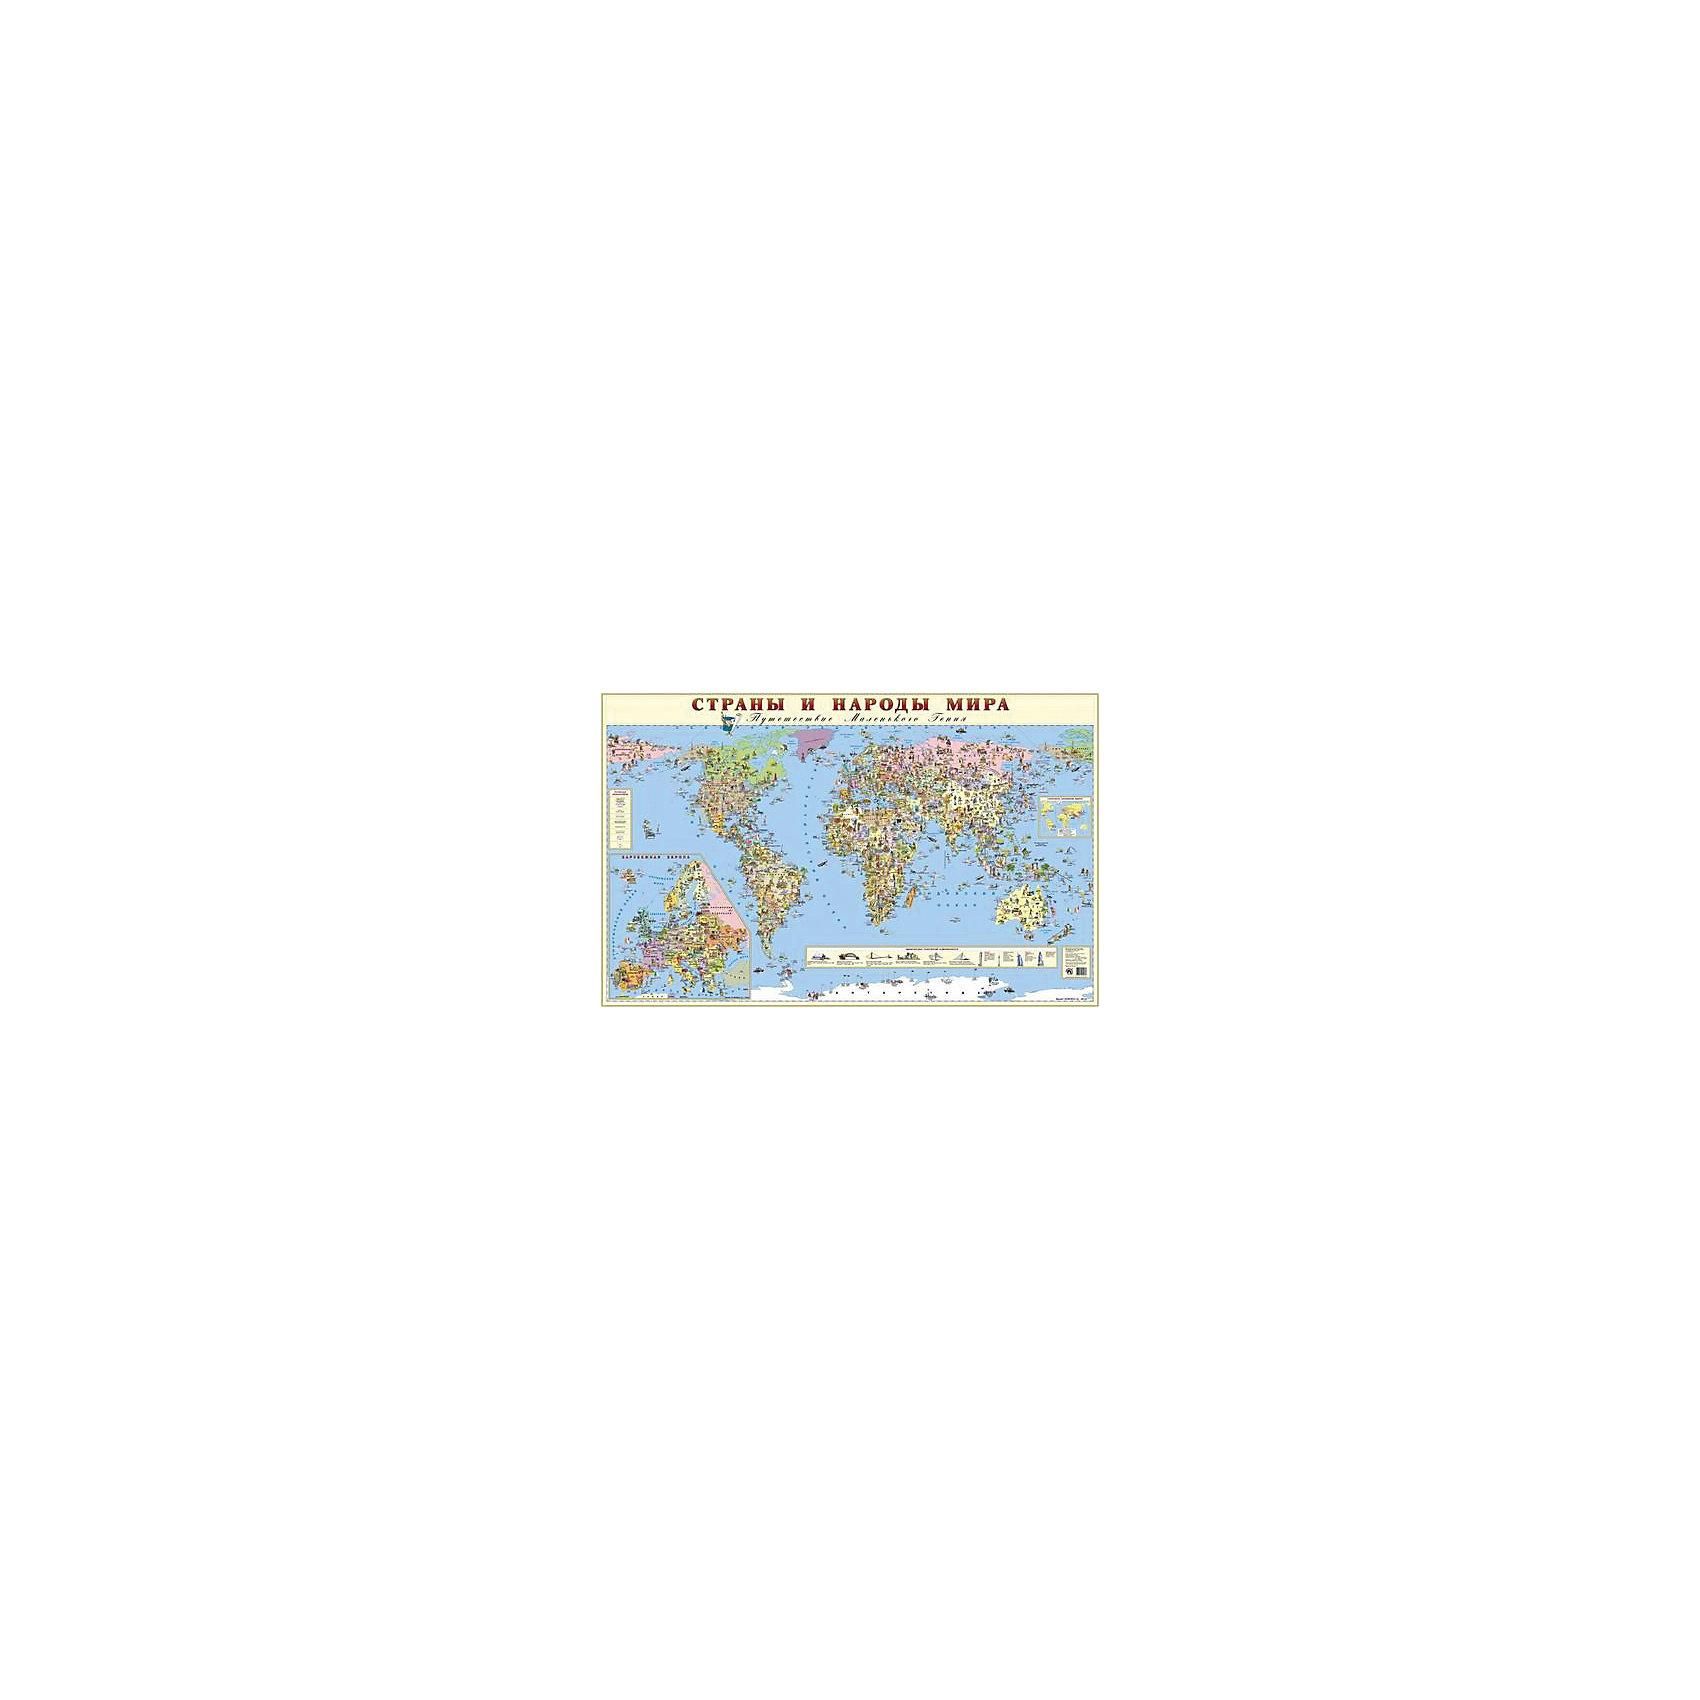 Карта Страны и народы мираПервые географические пособия для малыша, которые познакомят его с многообразием и красотой окружающего мира. Особенностью этих карт является максимально точная научная информация, которая подается в яркой и привлекательной форме Оригинальные художественные иллюстрации дадут ребенку правильное представление о том, как выглядят те или иные объекты, а забавный игровой персонаж Маленький Гений превратит изучение карты в увлекательное путешествие.<br><br>Ширина мм: 1500<br>Глубина мм: 95<br>Высота мм: 2<br>Вес г: 400<br>Возраст от месяцев: 36<br>Возраст до месяцев: 192<br>Пол: Унисекс<br>Возраст: Детский<br>SKU: 4802966